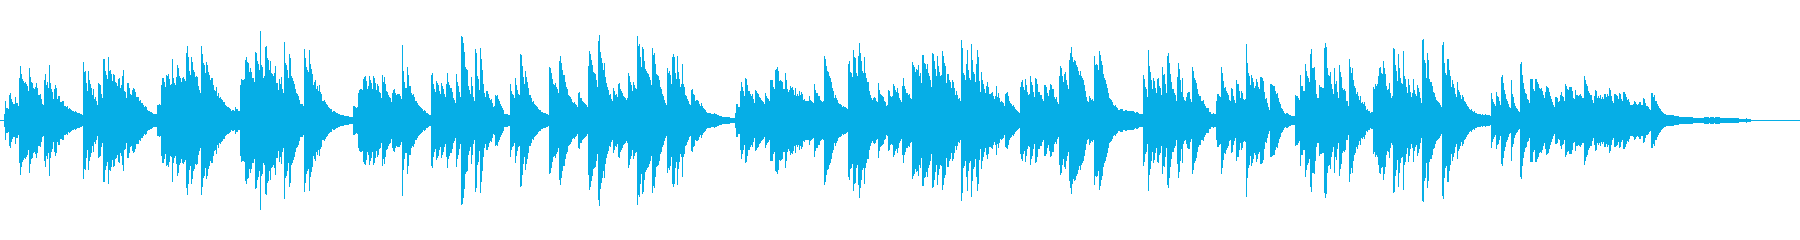 ピアノソロ 温かい 日常的の再生済みの波形